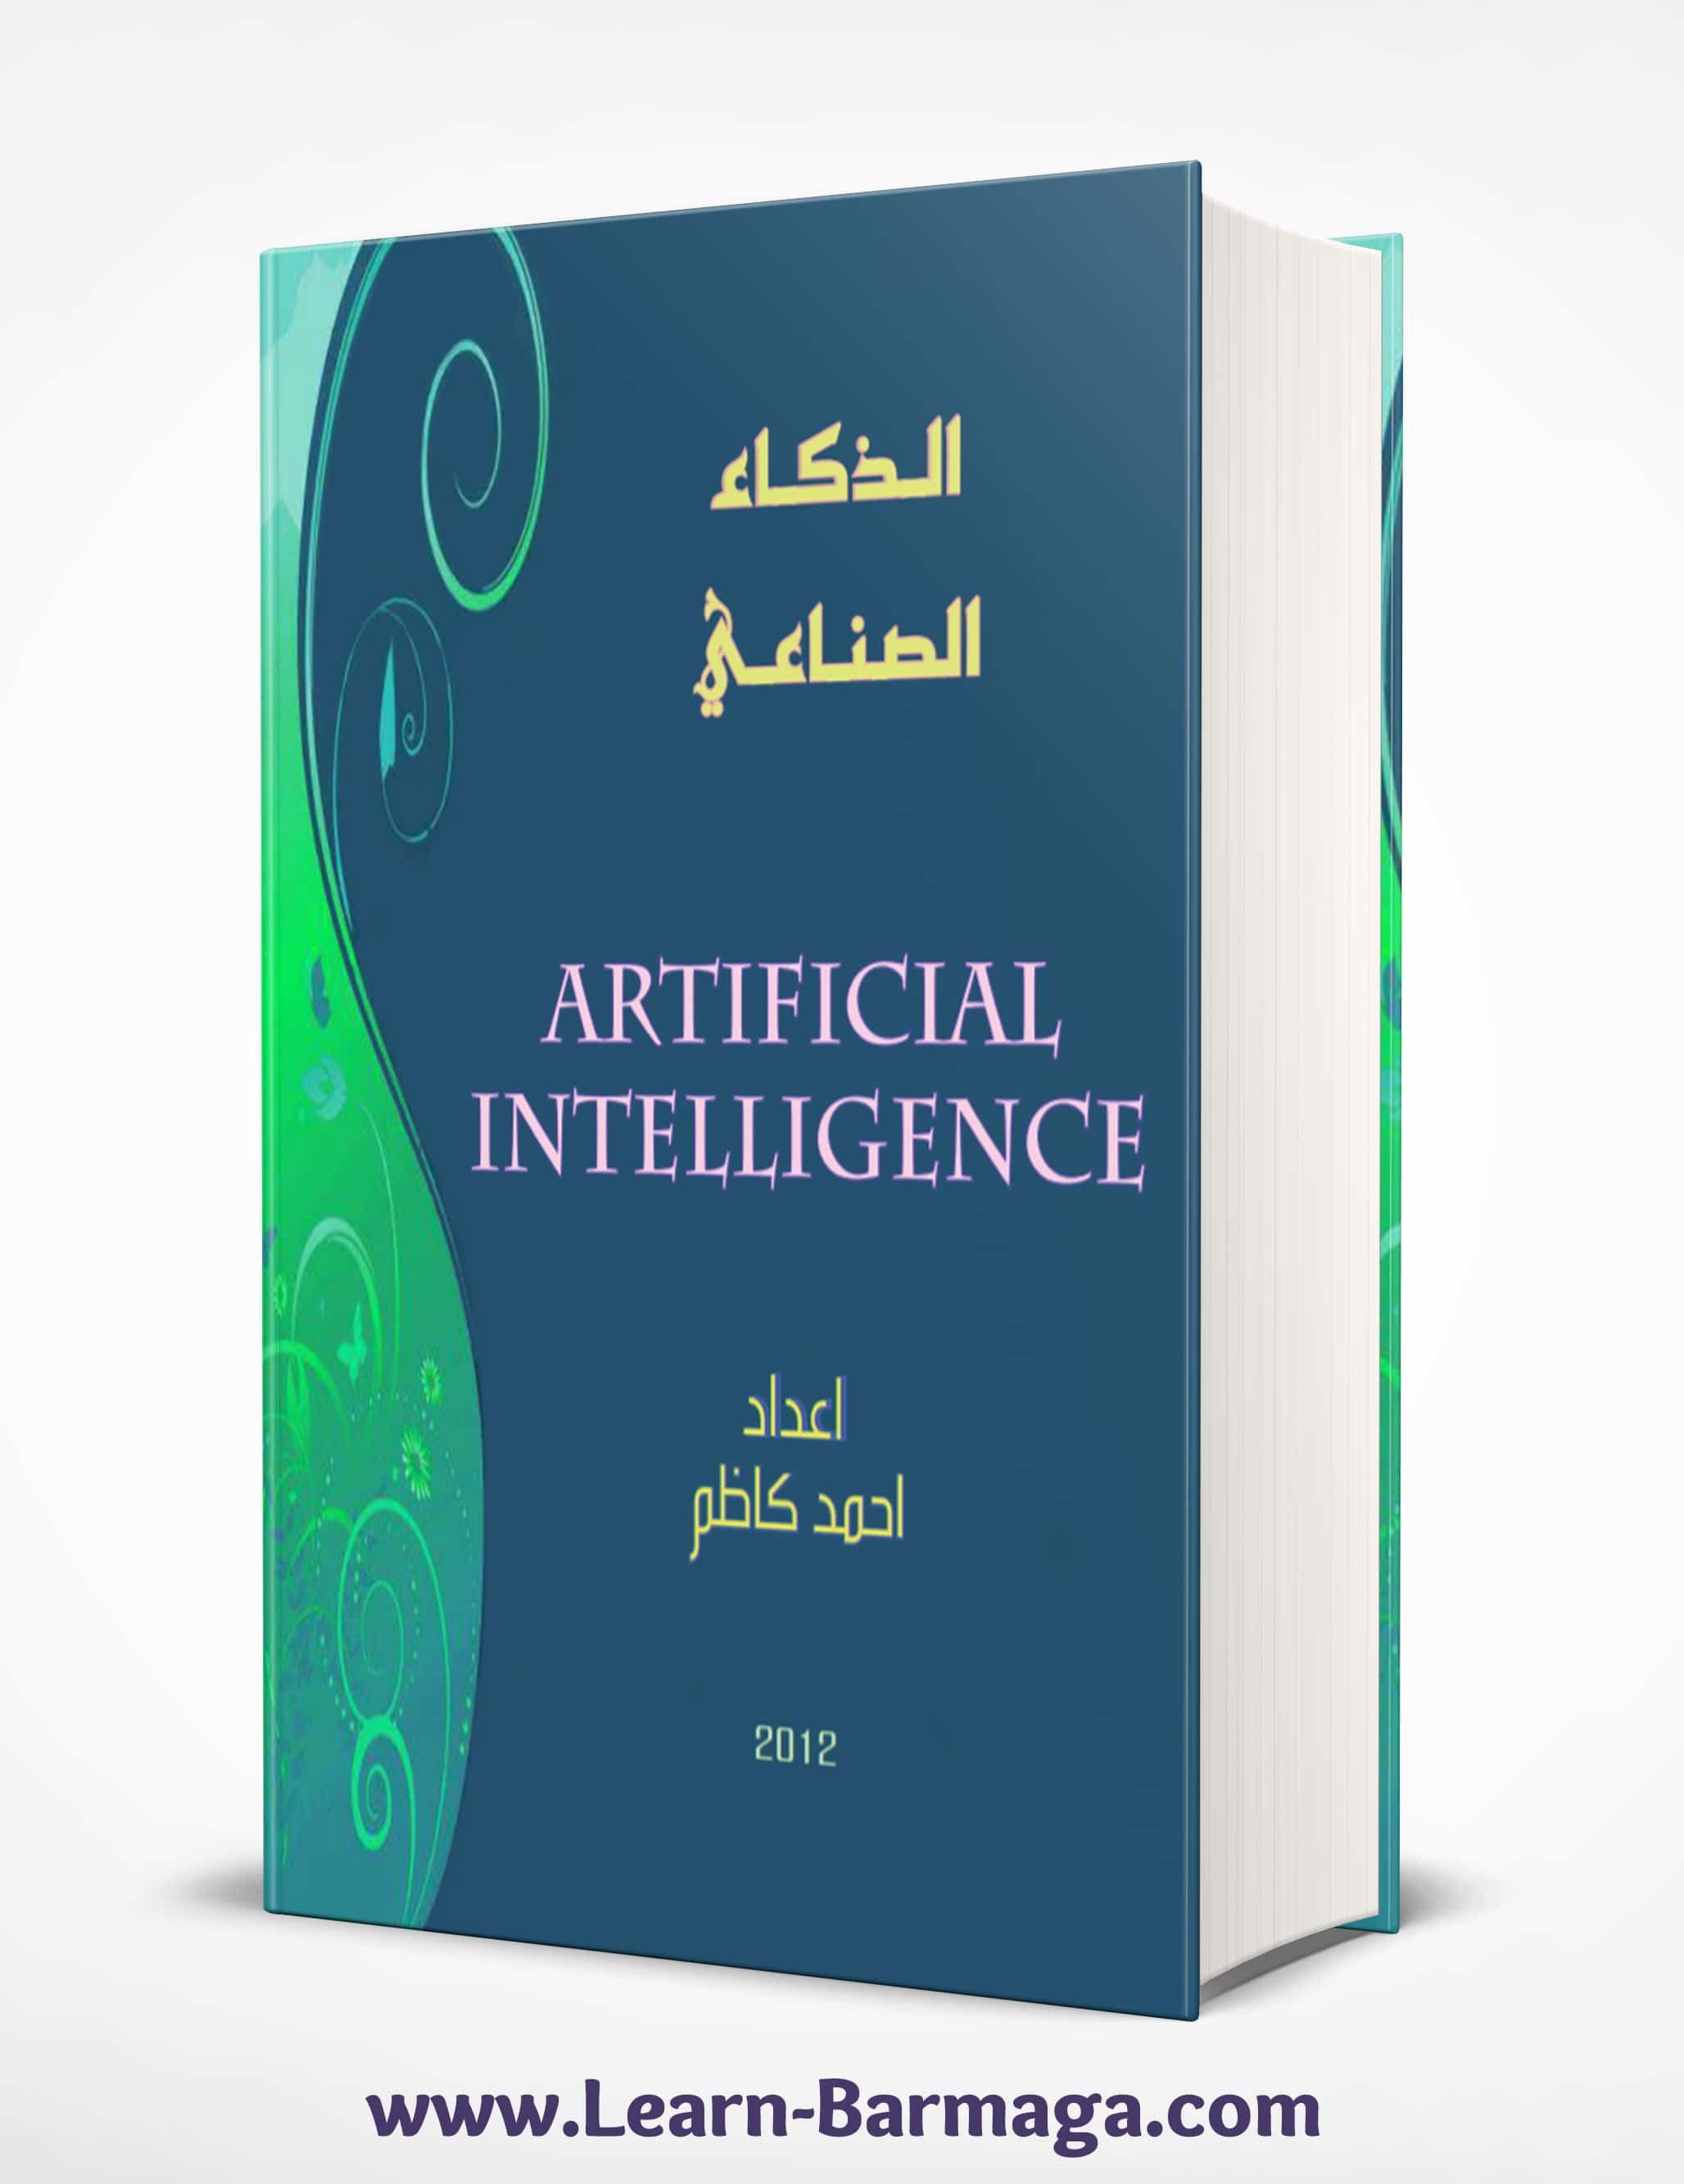 تحميل كتاب الذكاء الصناعي Artificial Intelligence Book Cover Words Books